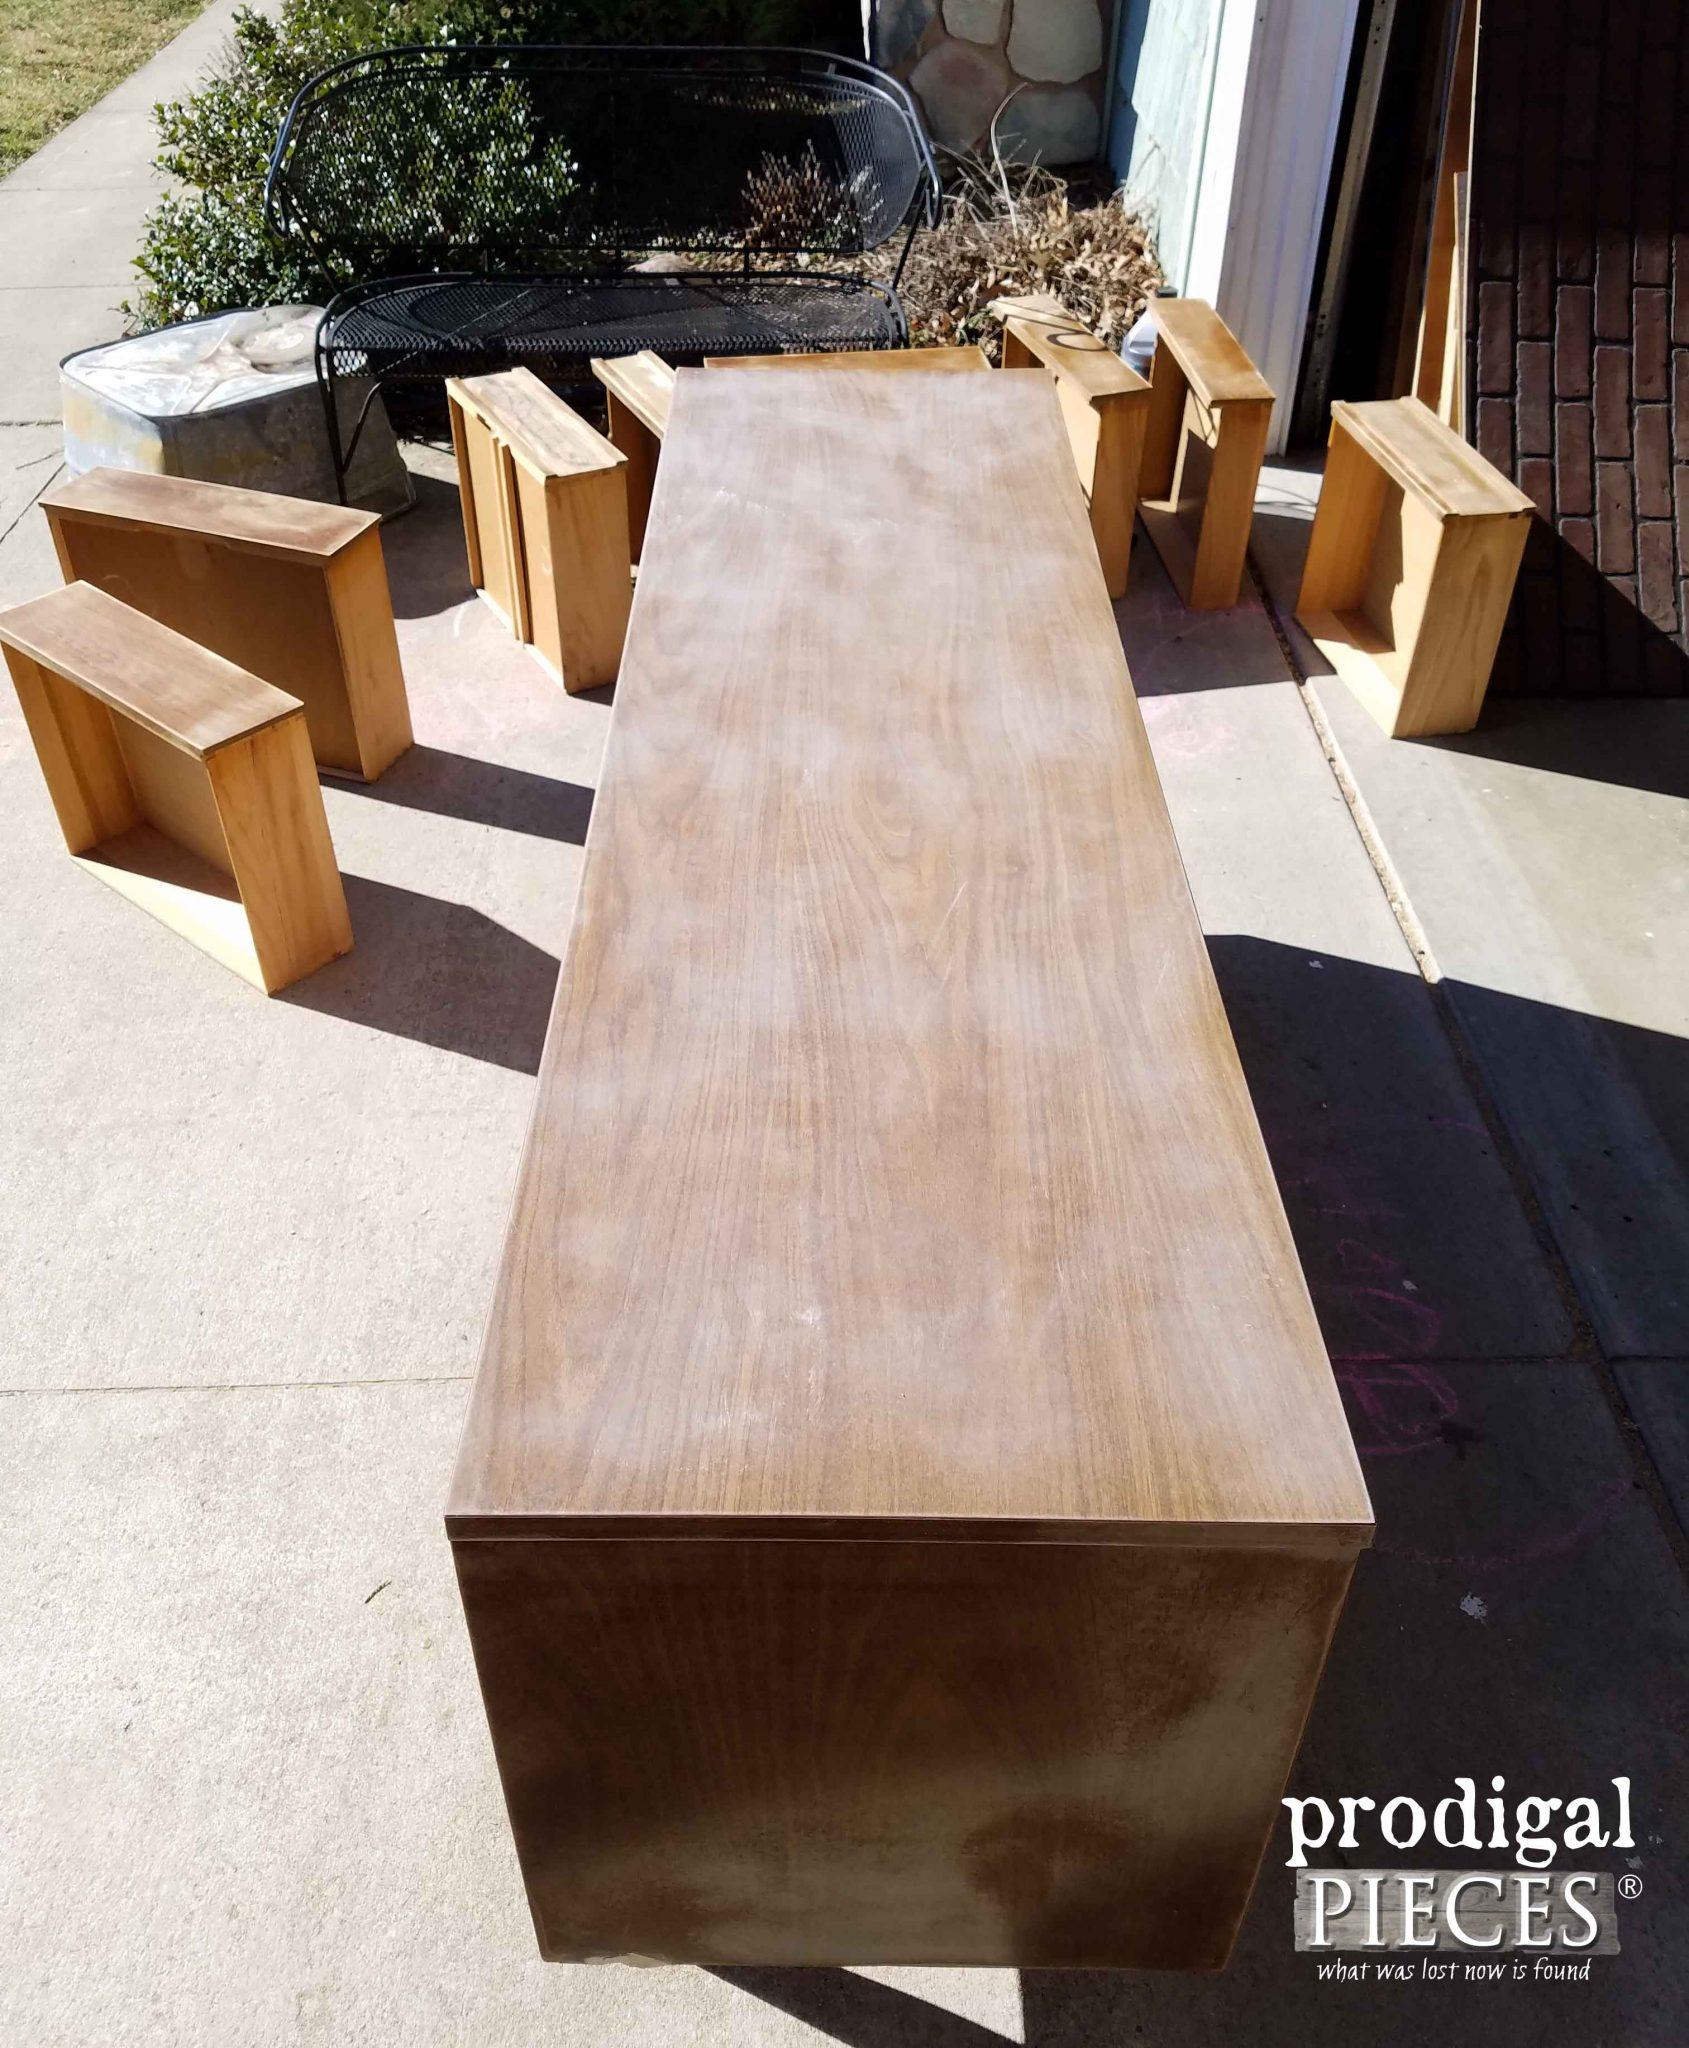 Sanded Dresser | Prodigal Pieces | prodigalpieces.com